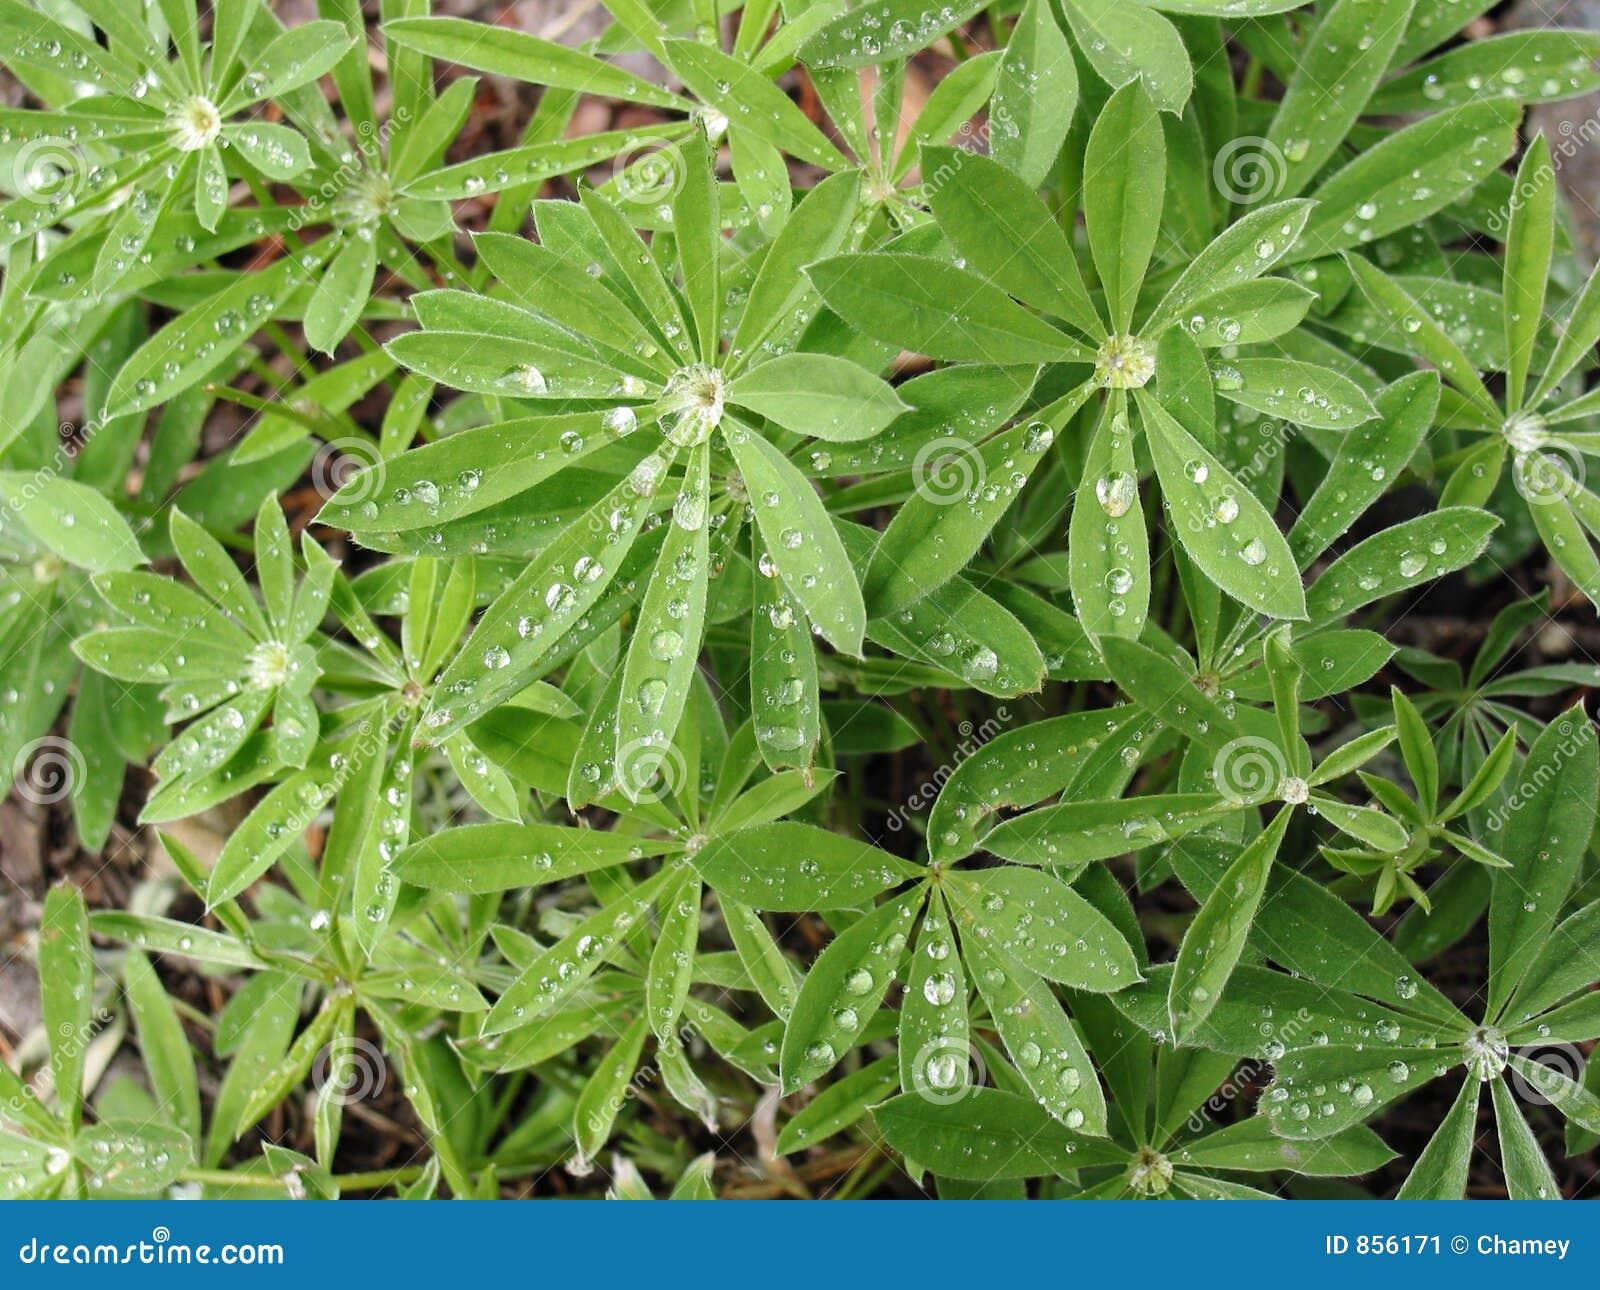 Formas de folha do Lupine